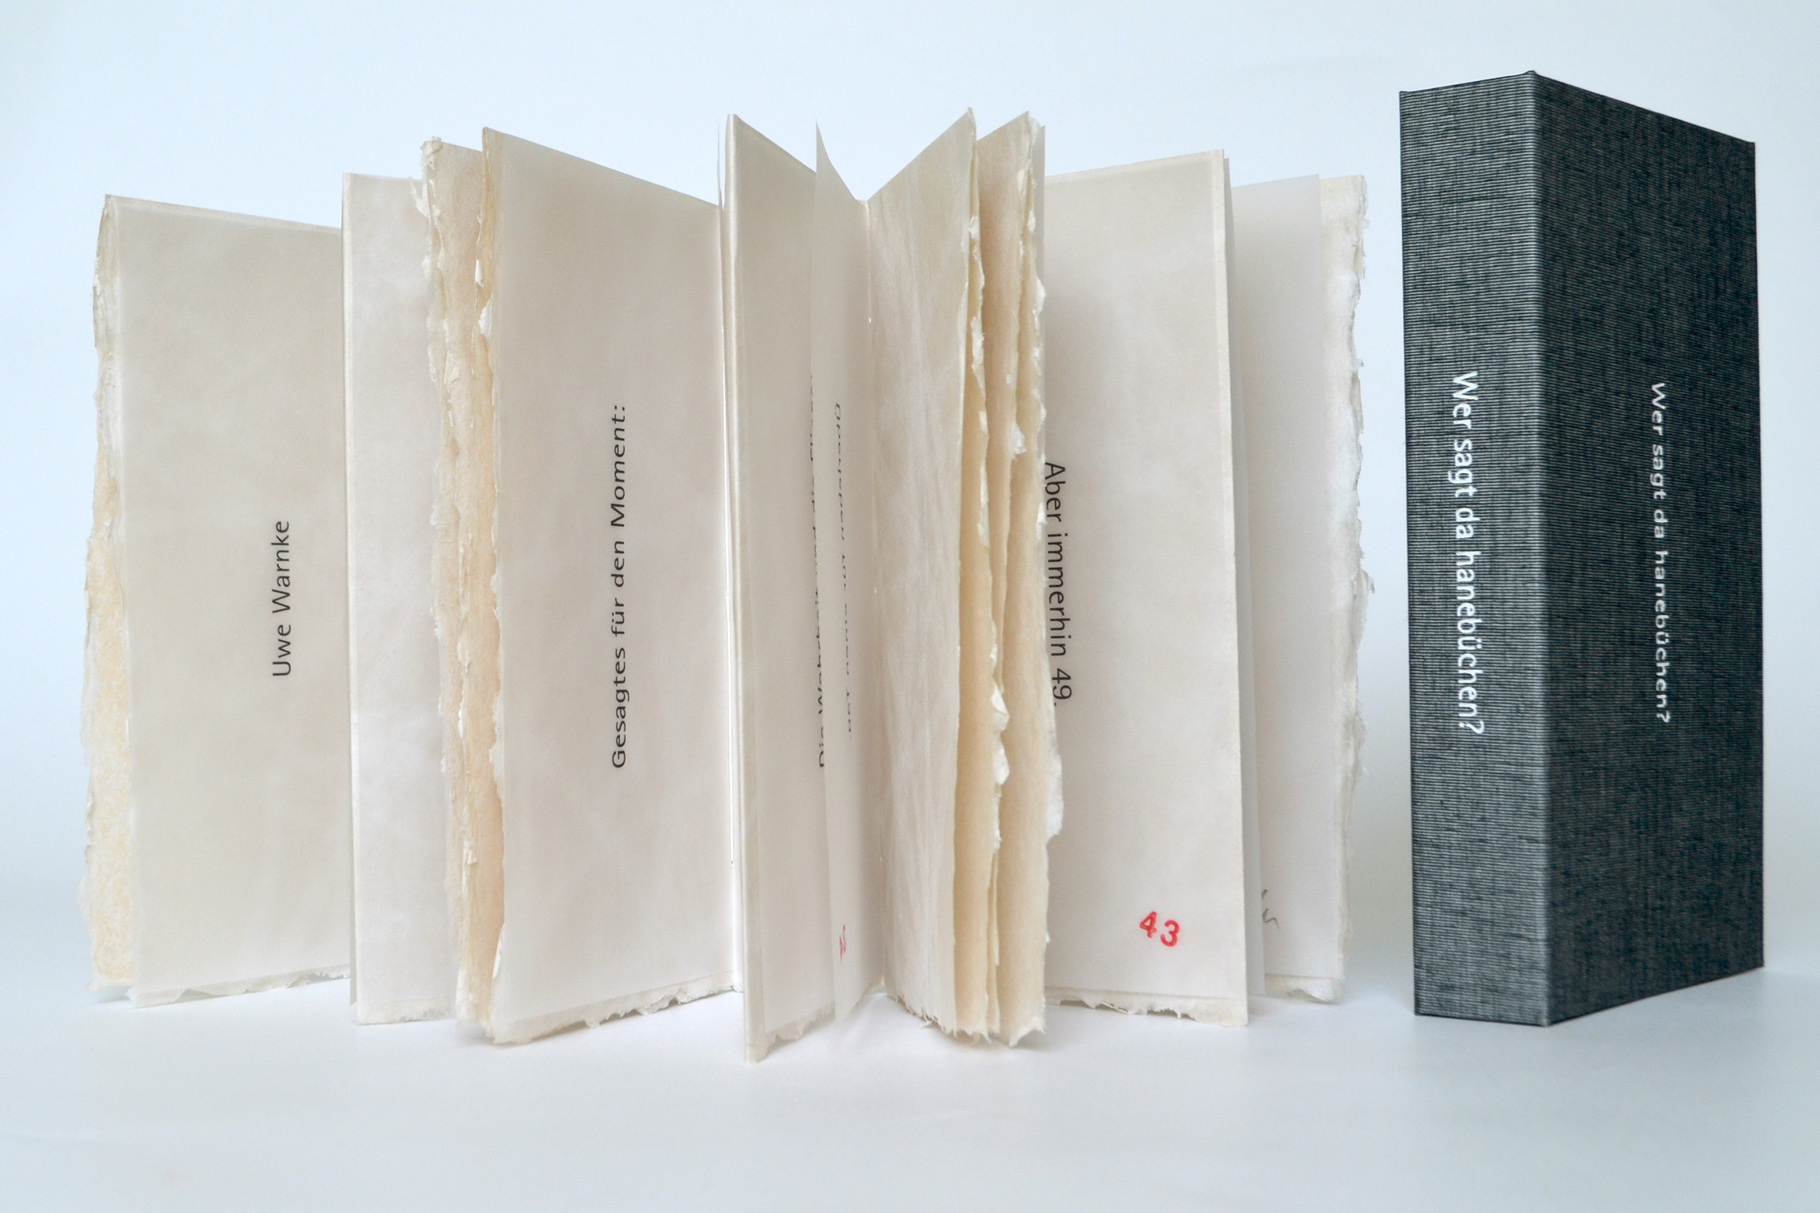 """""""Wer sagt da hanebüchen?"""" (2017) - Ein Künstlerbuch von John Gerard zum Thema """"Alternative Fakten"""" mit einem Text von Uwe Warnke"""